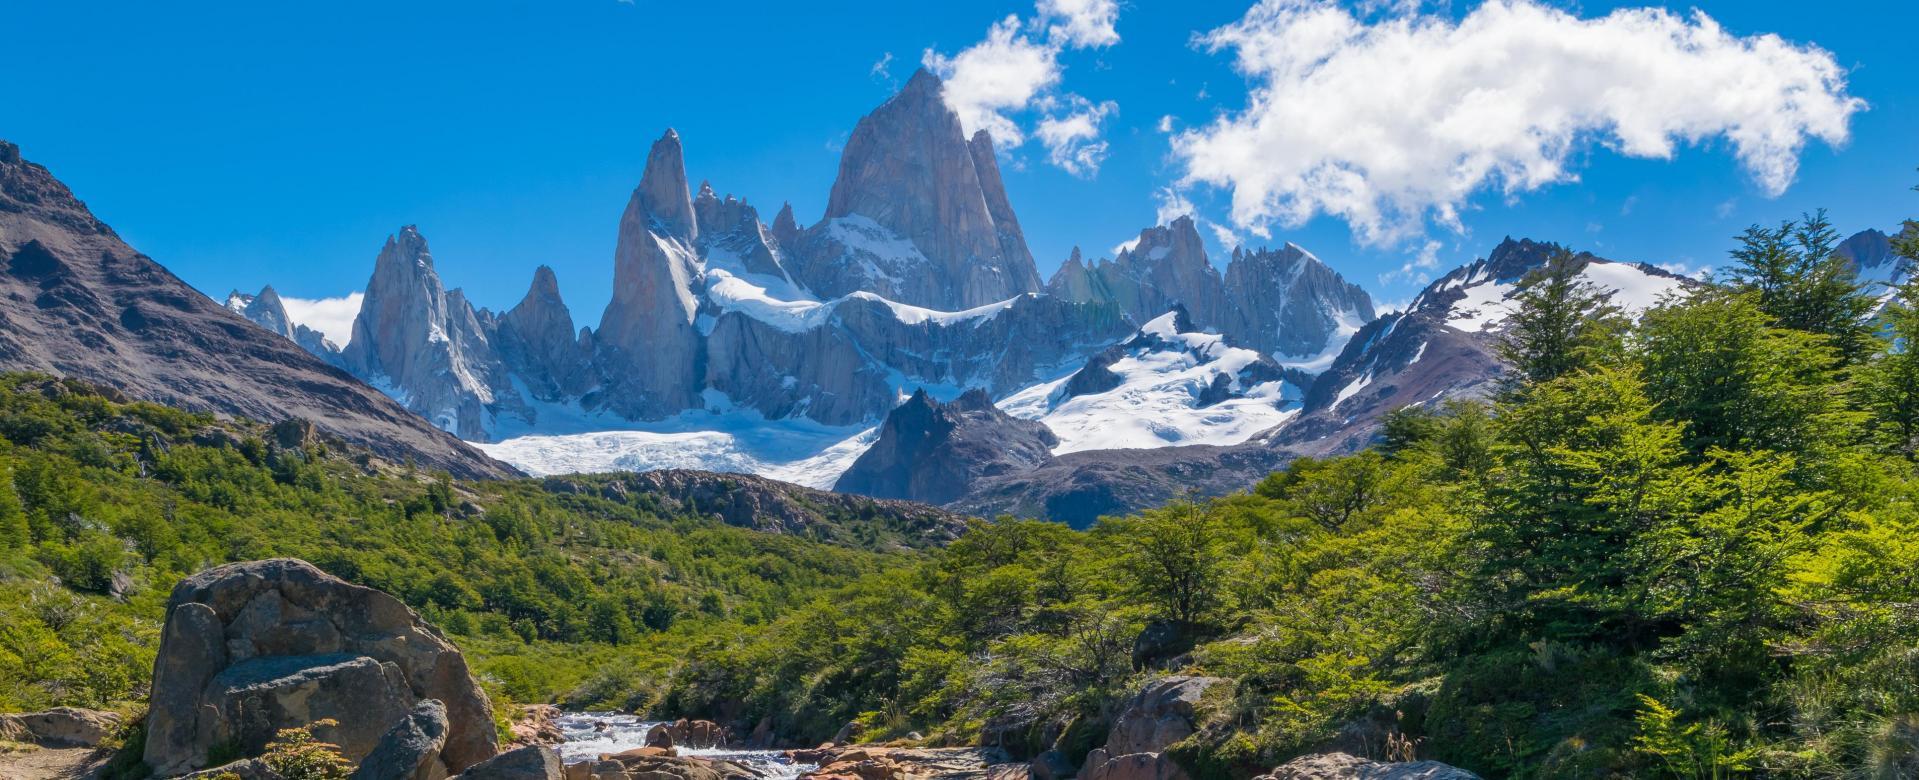 Voyage sur l'eau : Patagonie et terre de feu (confort)